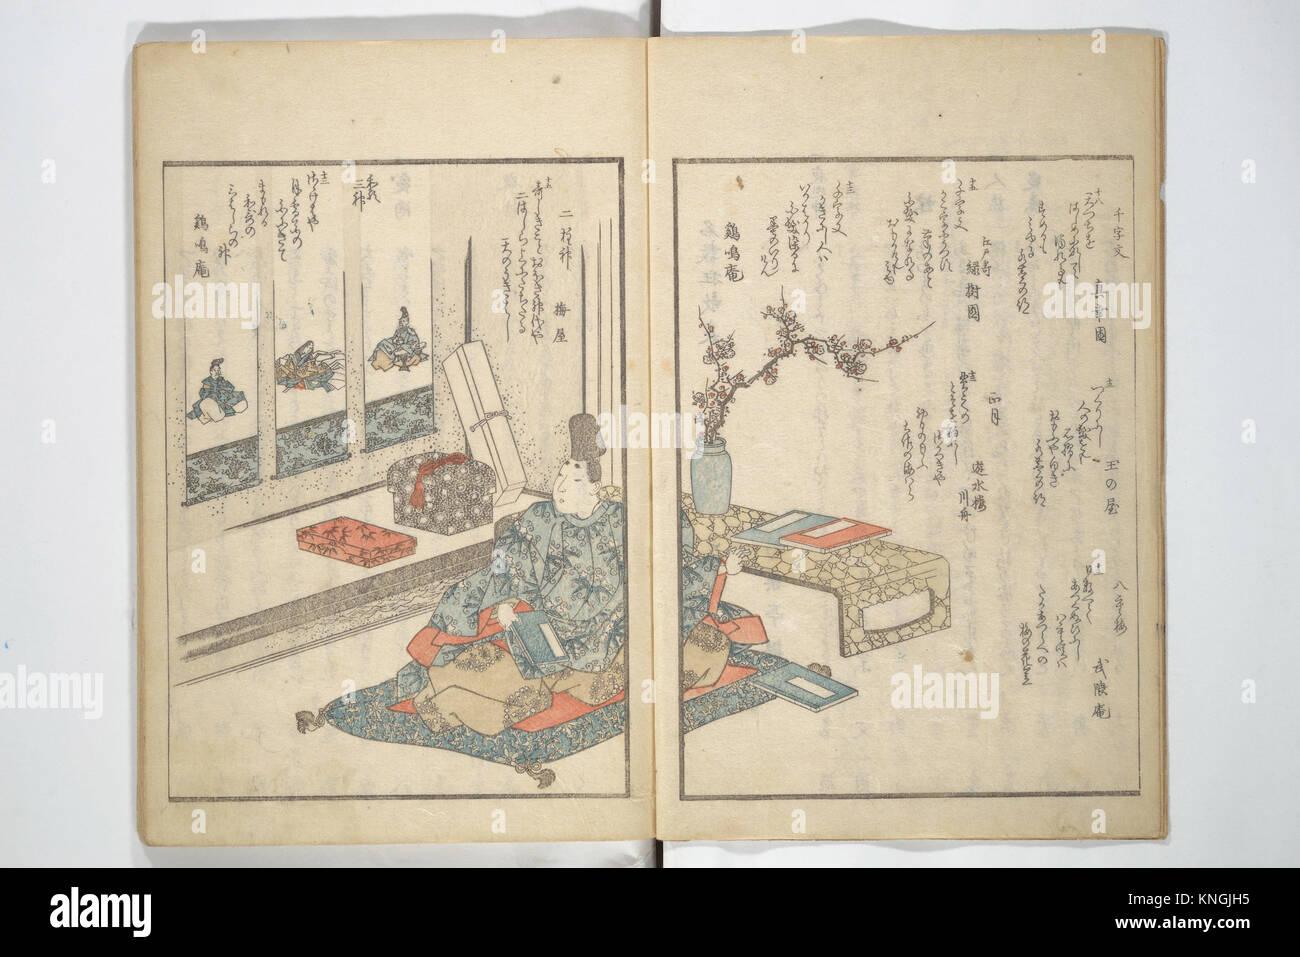 Collection of Famous Kyoka Poems Selected by Shakuyakutei (Shakuyakutei bunshu meishu kyokashu). Artist: Yanagawa - Stock Image